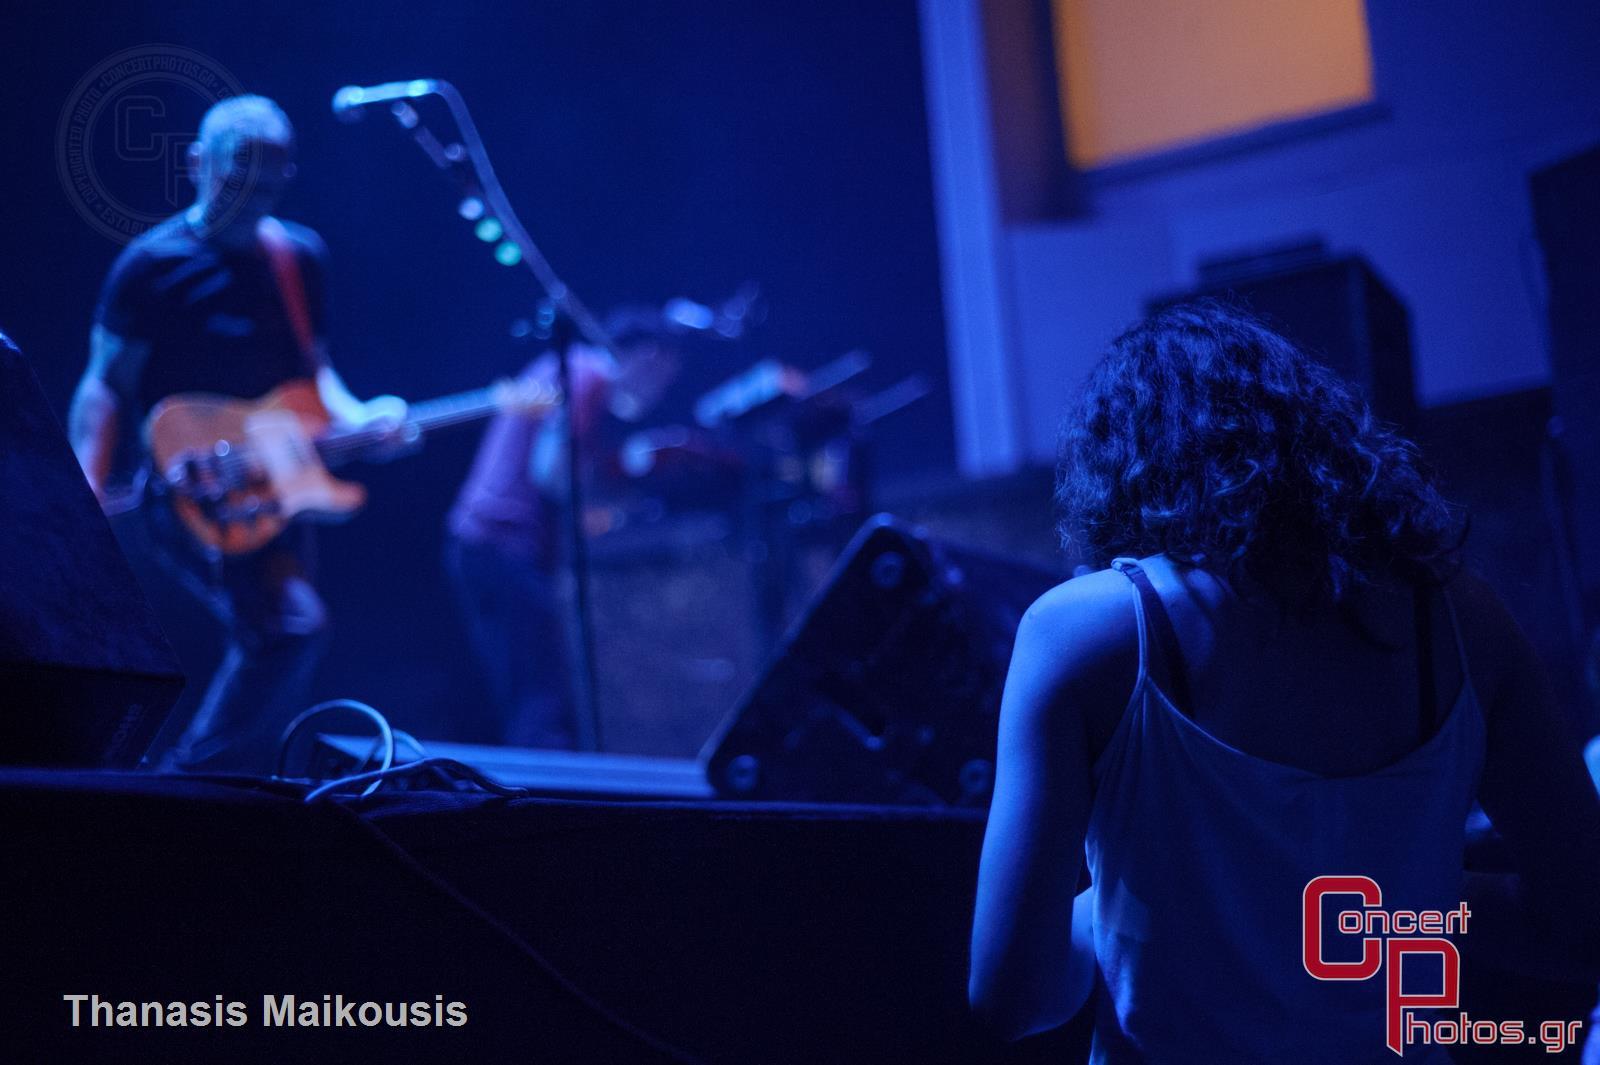 Παύλος Παυλίδης-Pavlidis-stage-volume1 photographer: Thanasis Maikousis - concertphotos_20140611_22_08_31